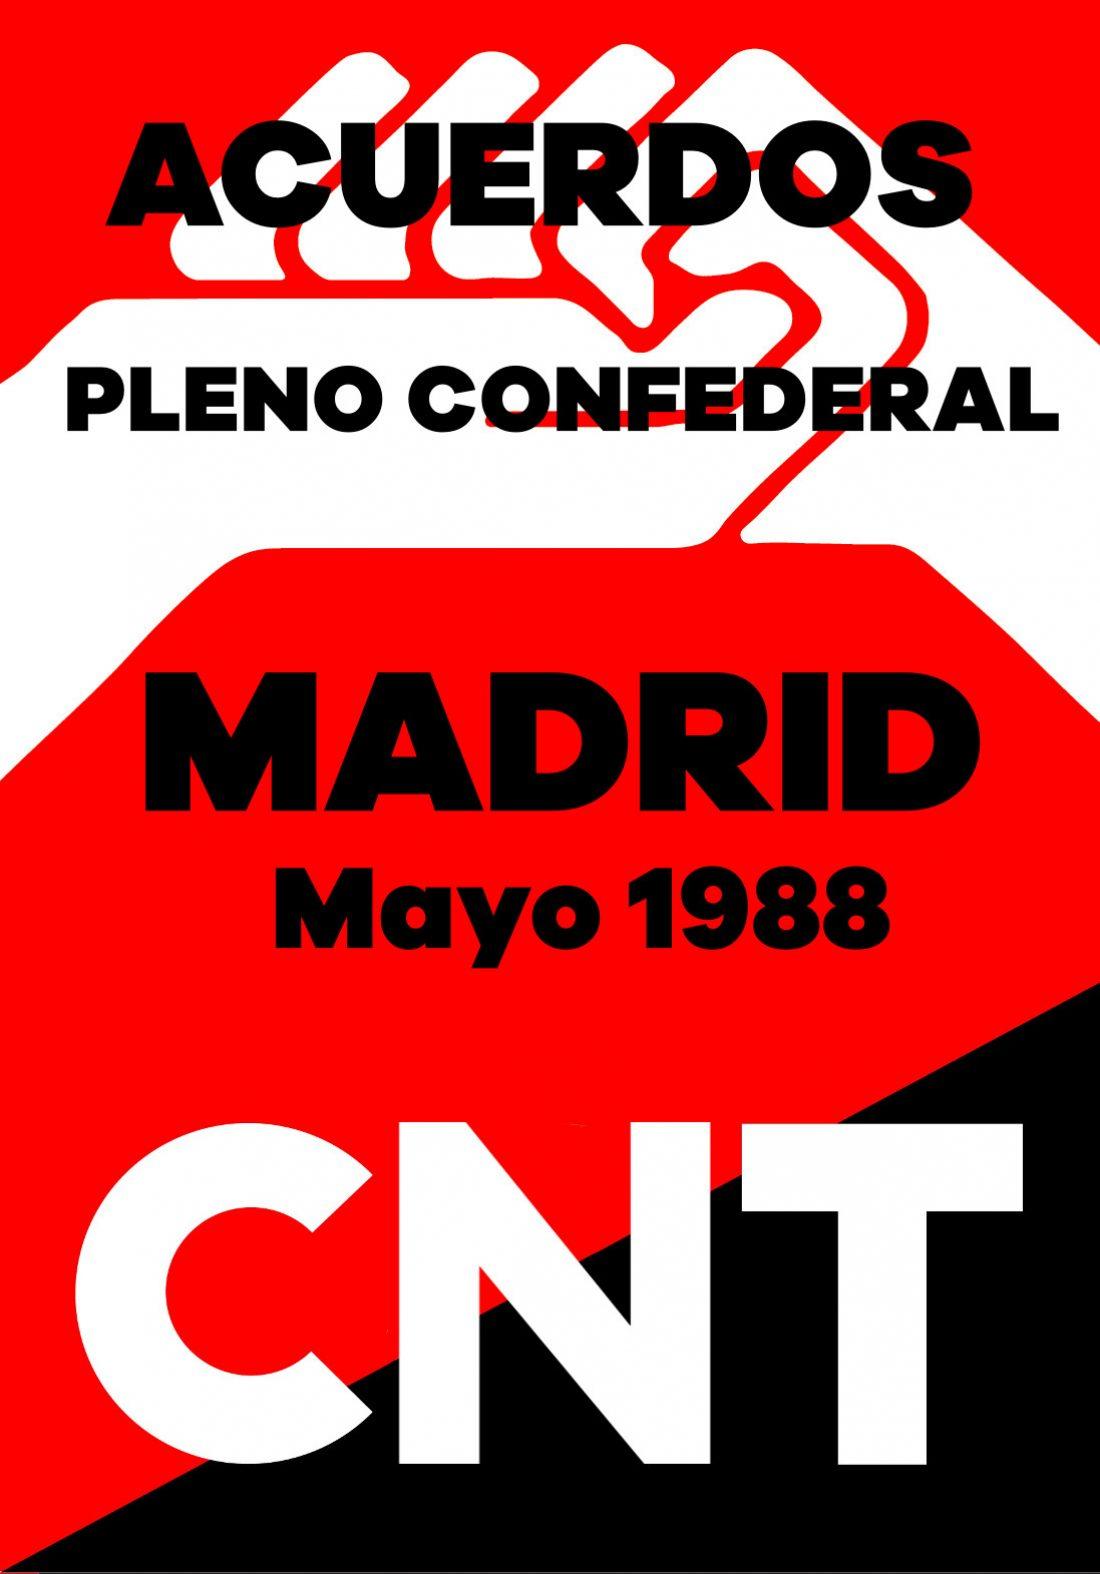 Pleno Confederal de Mayo de 1988